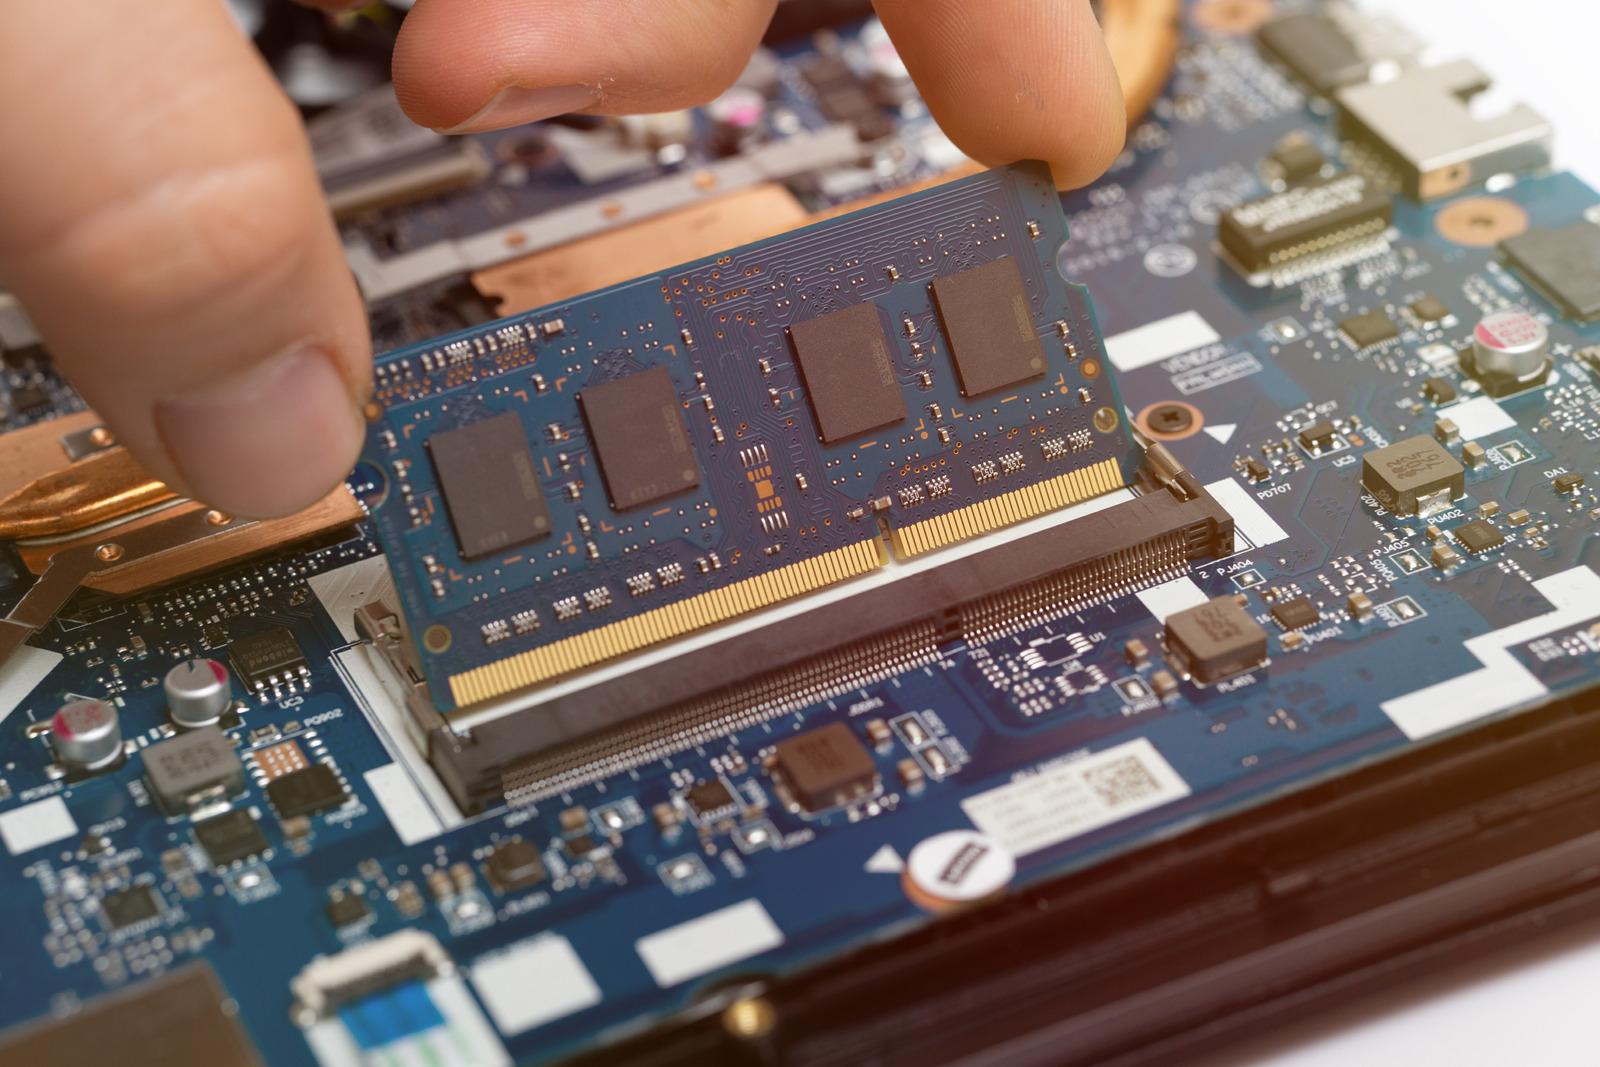 laptop ram memory replacement. improving computer performance. mainboard repair